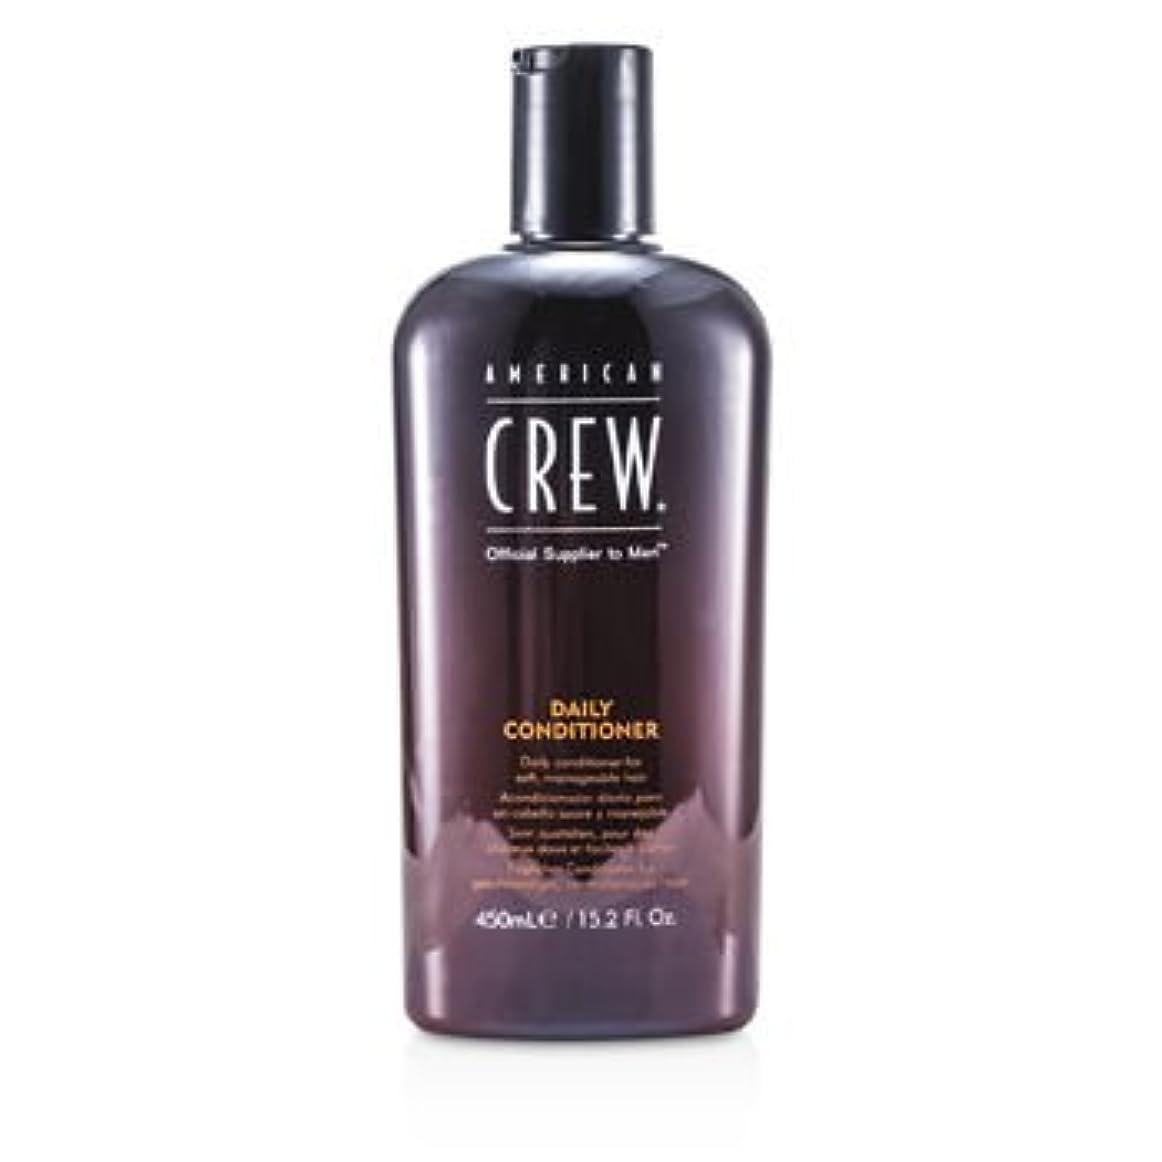 労働者ブランド名許さない[American Crew] Men Daily Conditioner (For Soft Manageable Hair) 450ml/15.2oz